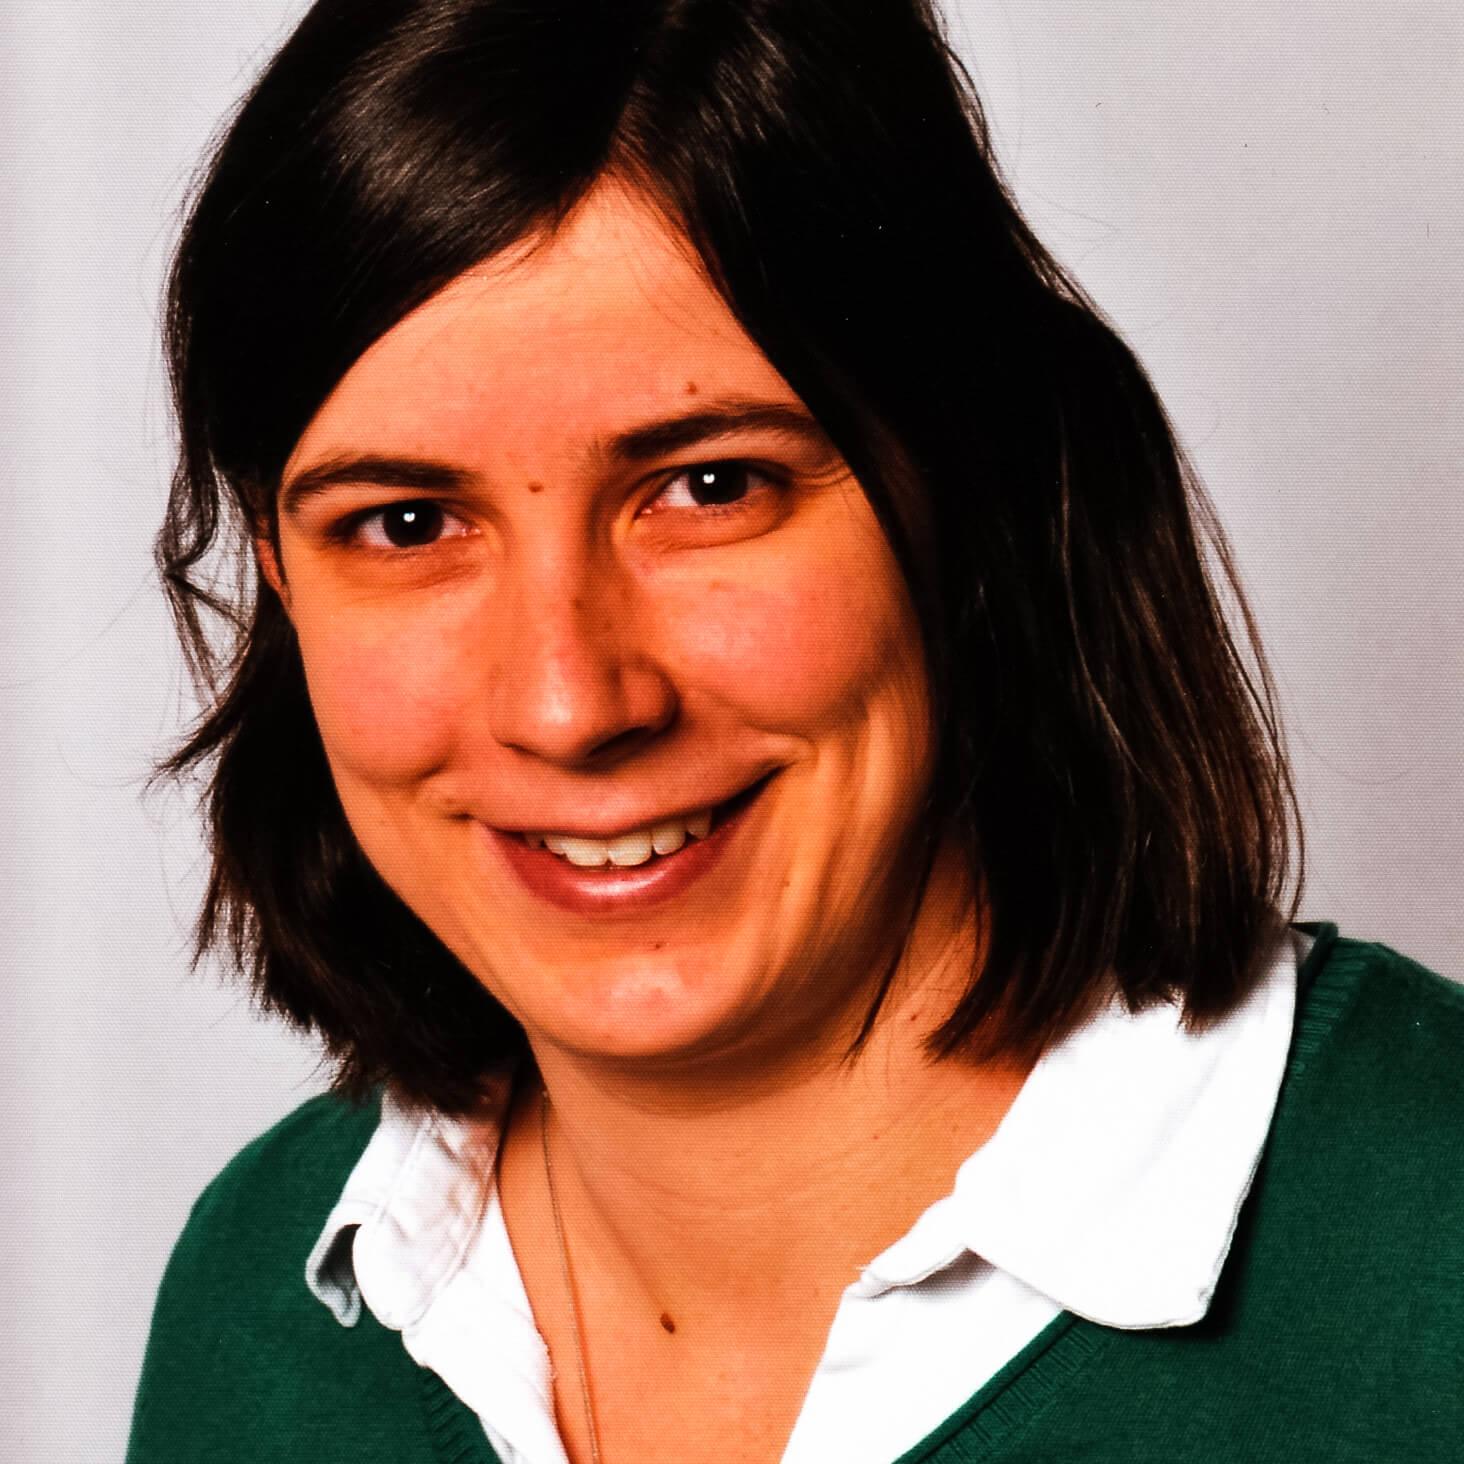 Christina Bernhardt